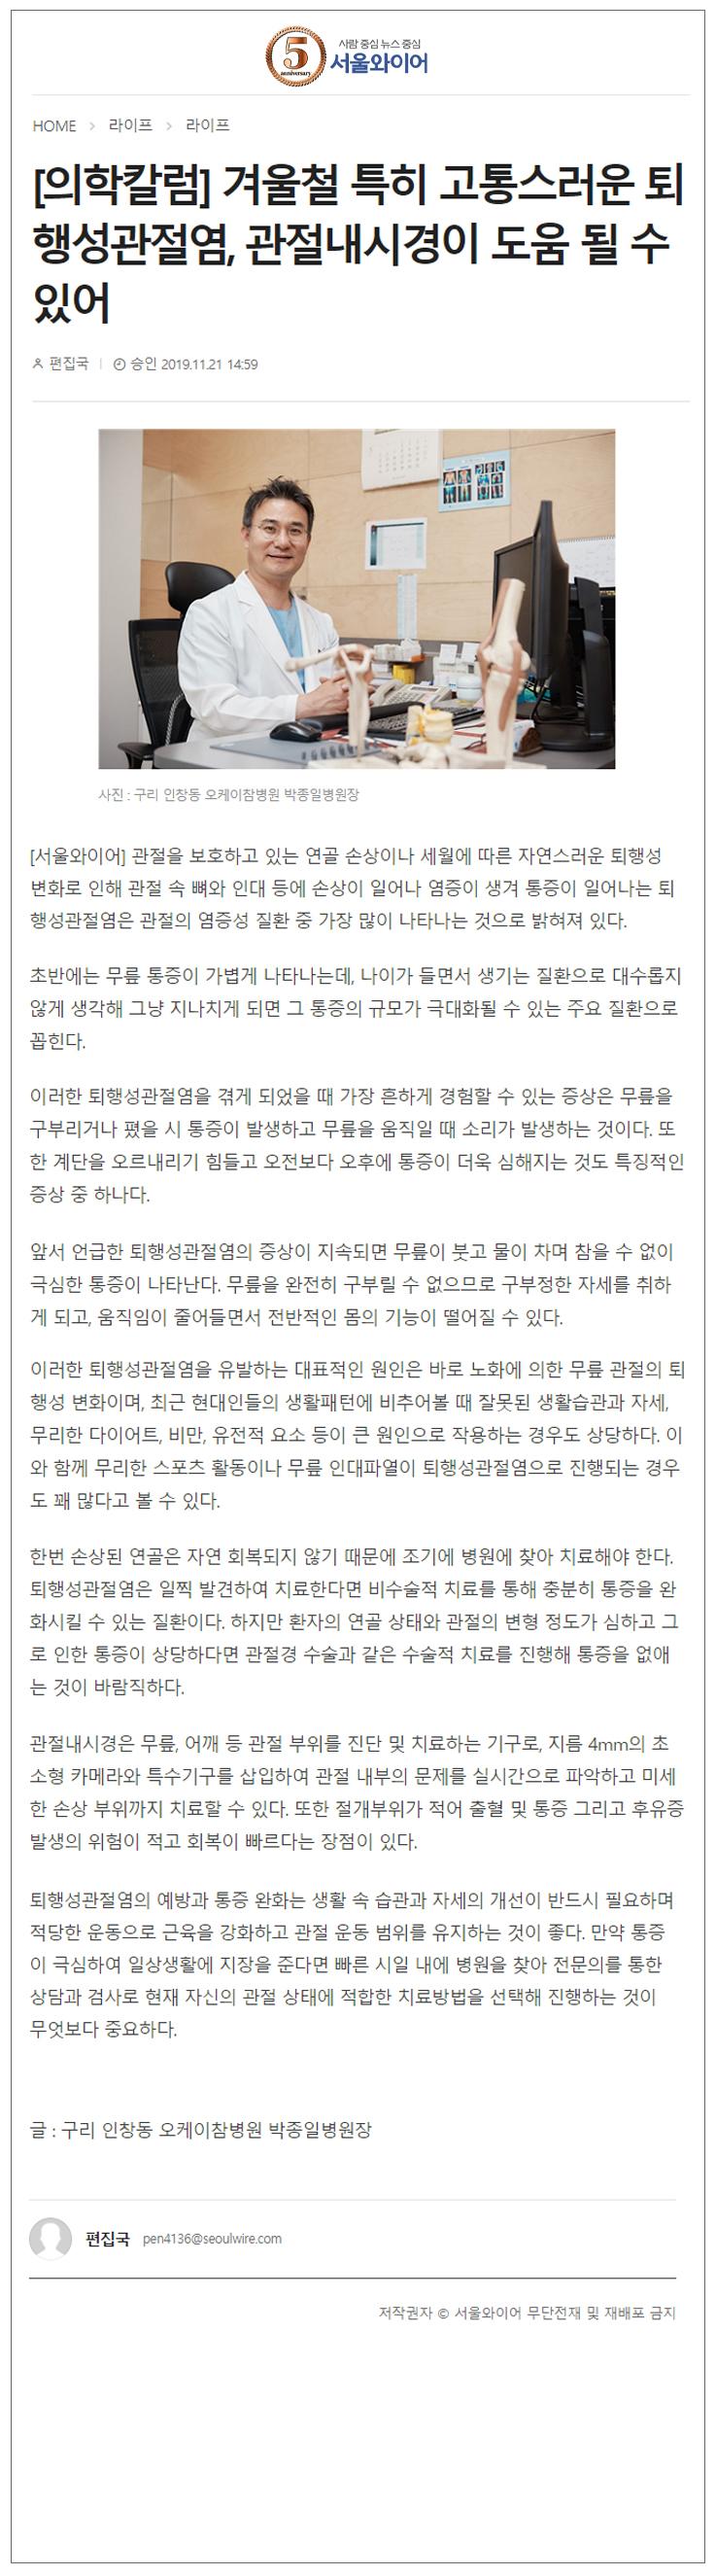 20191127-서울와이어.jpg